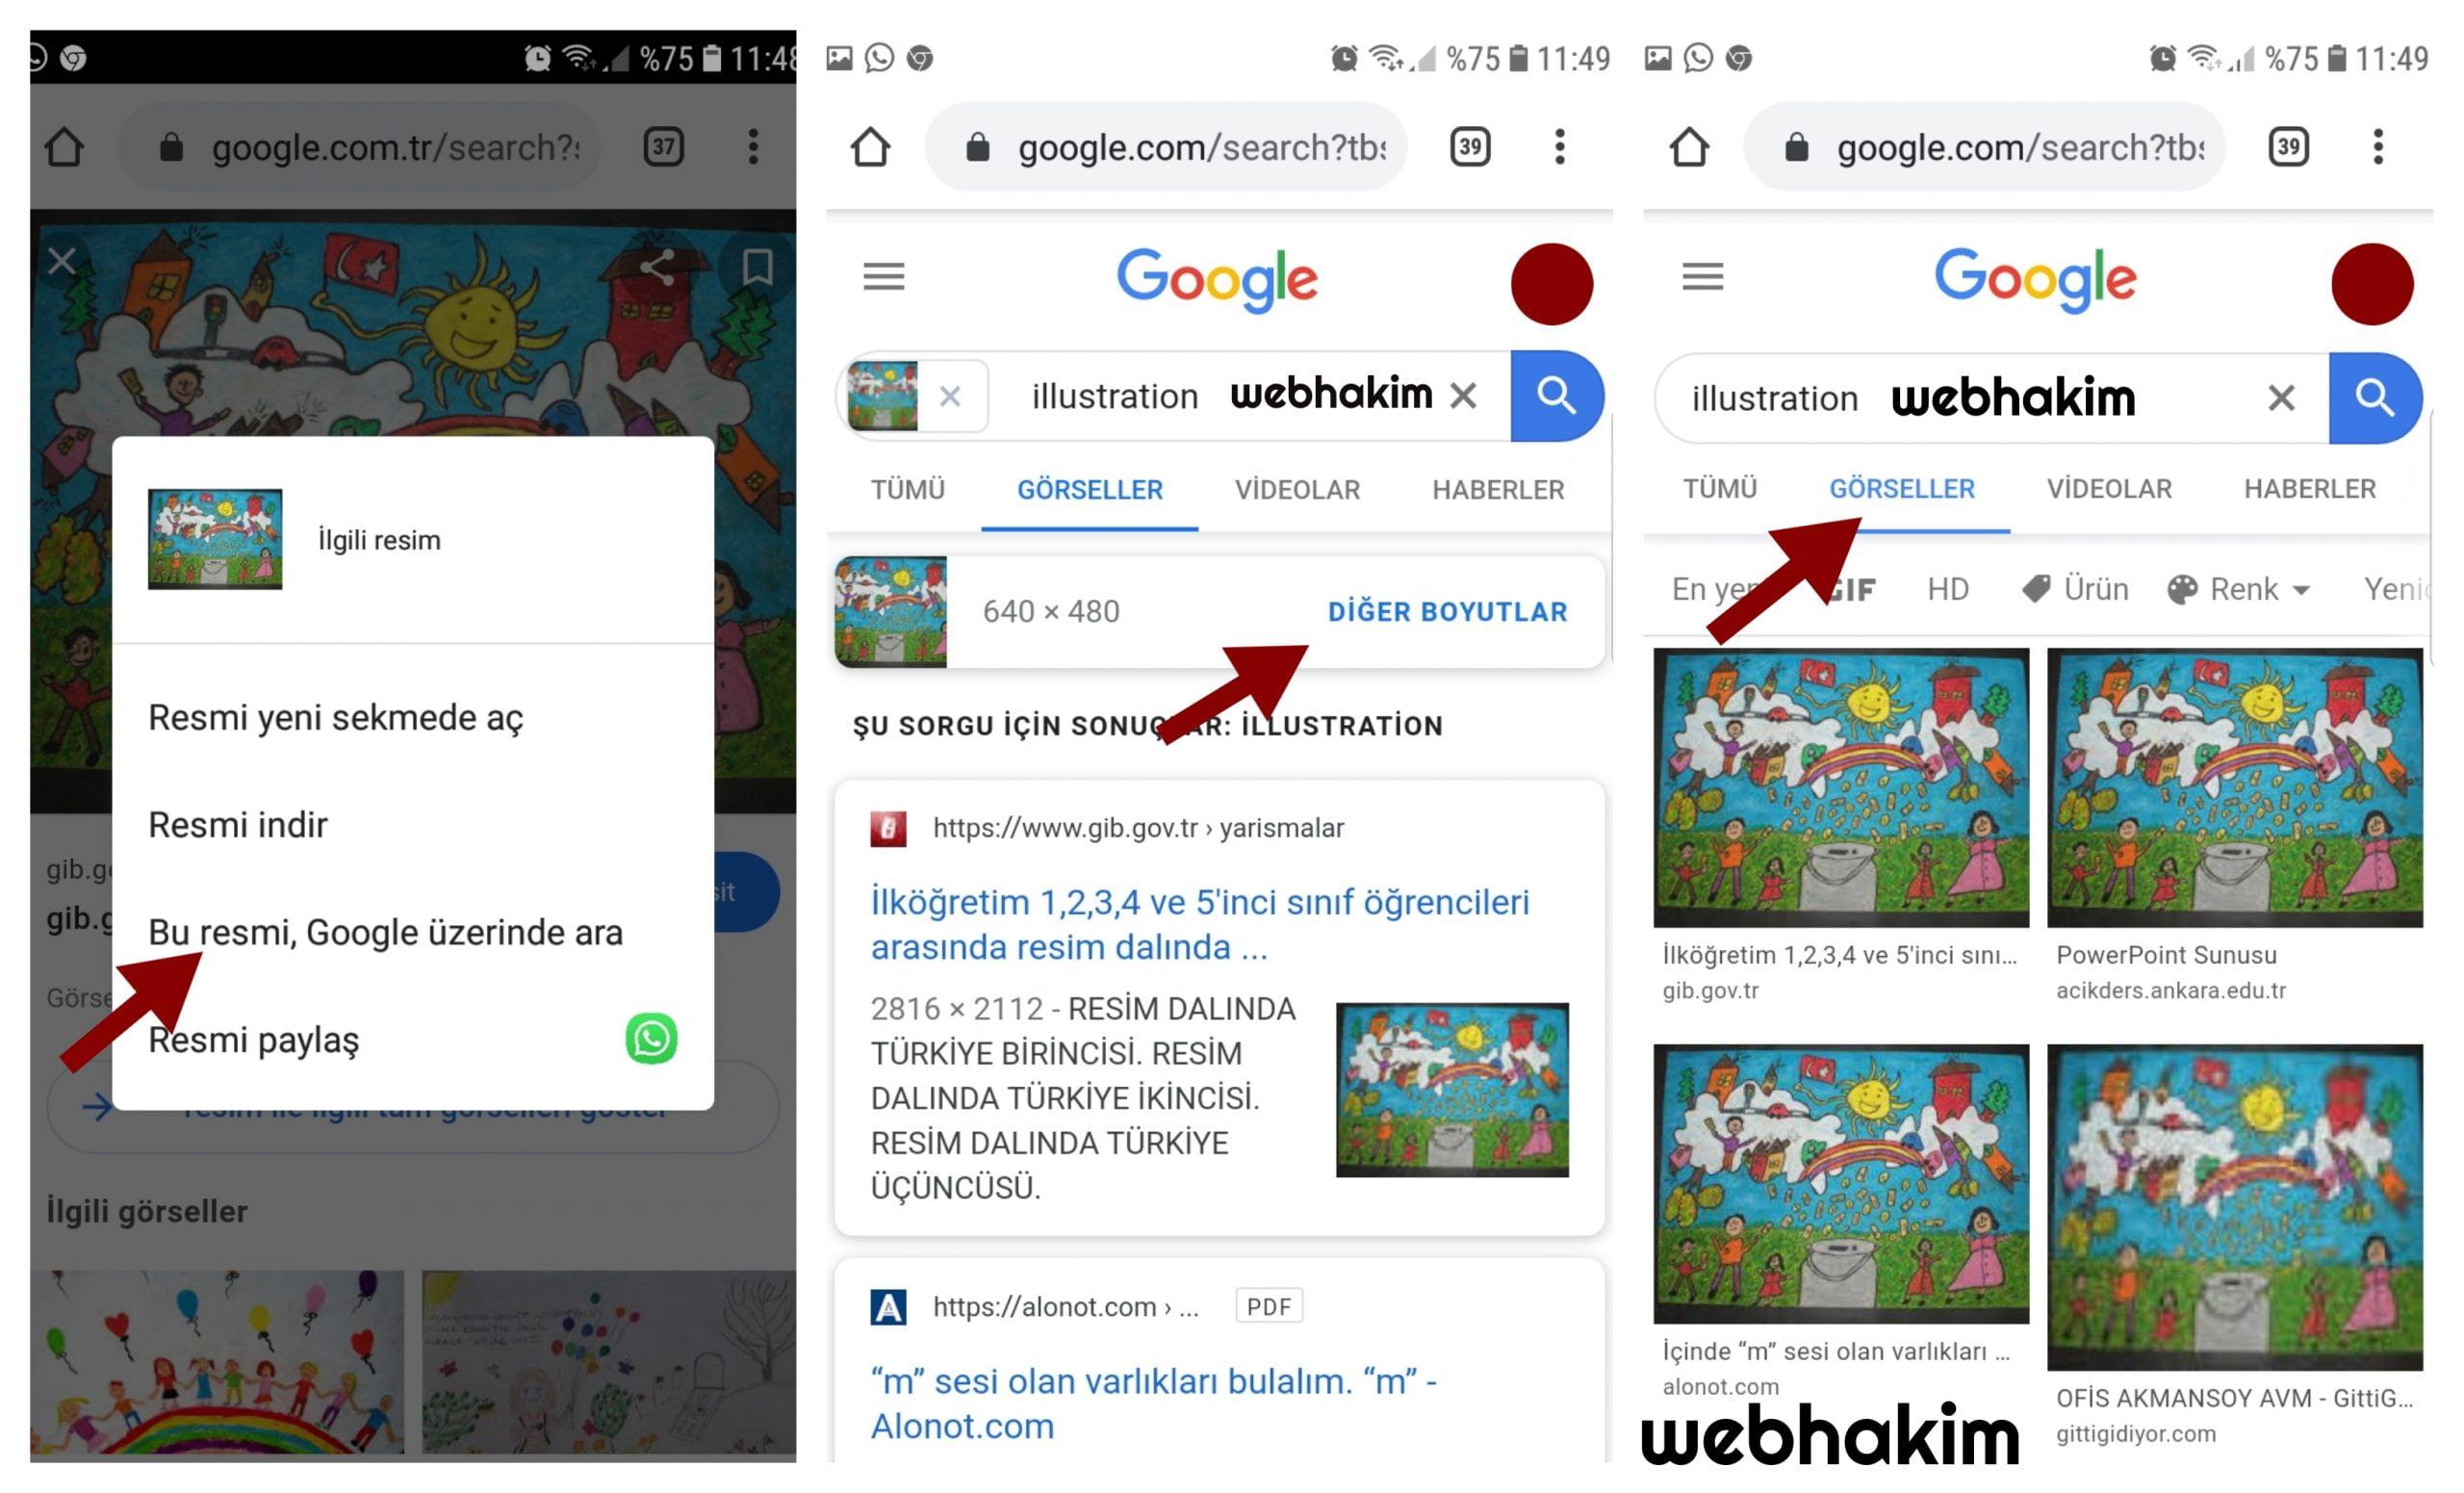 Mobilde Google Görsel Arama